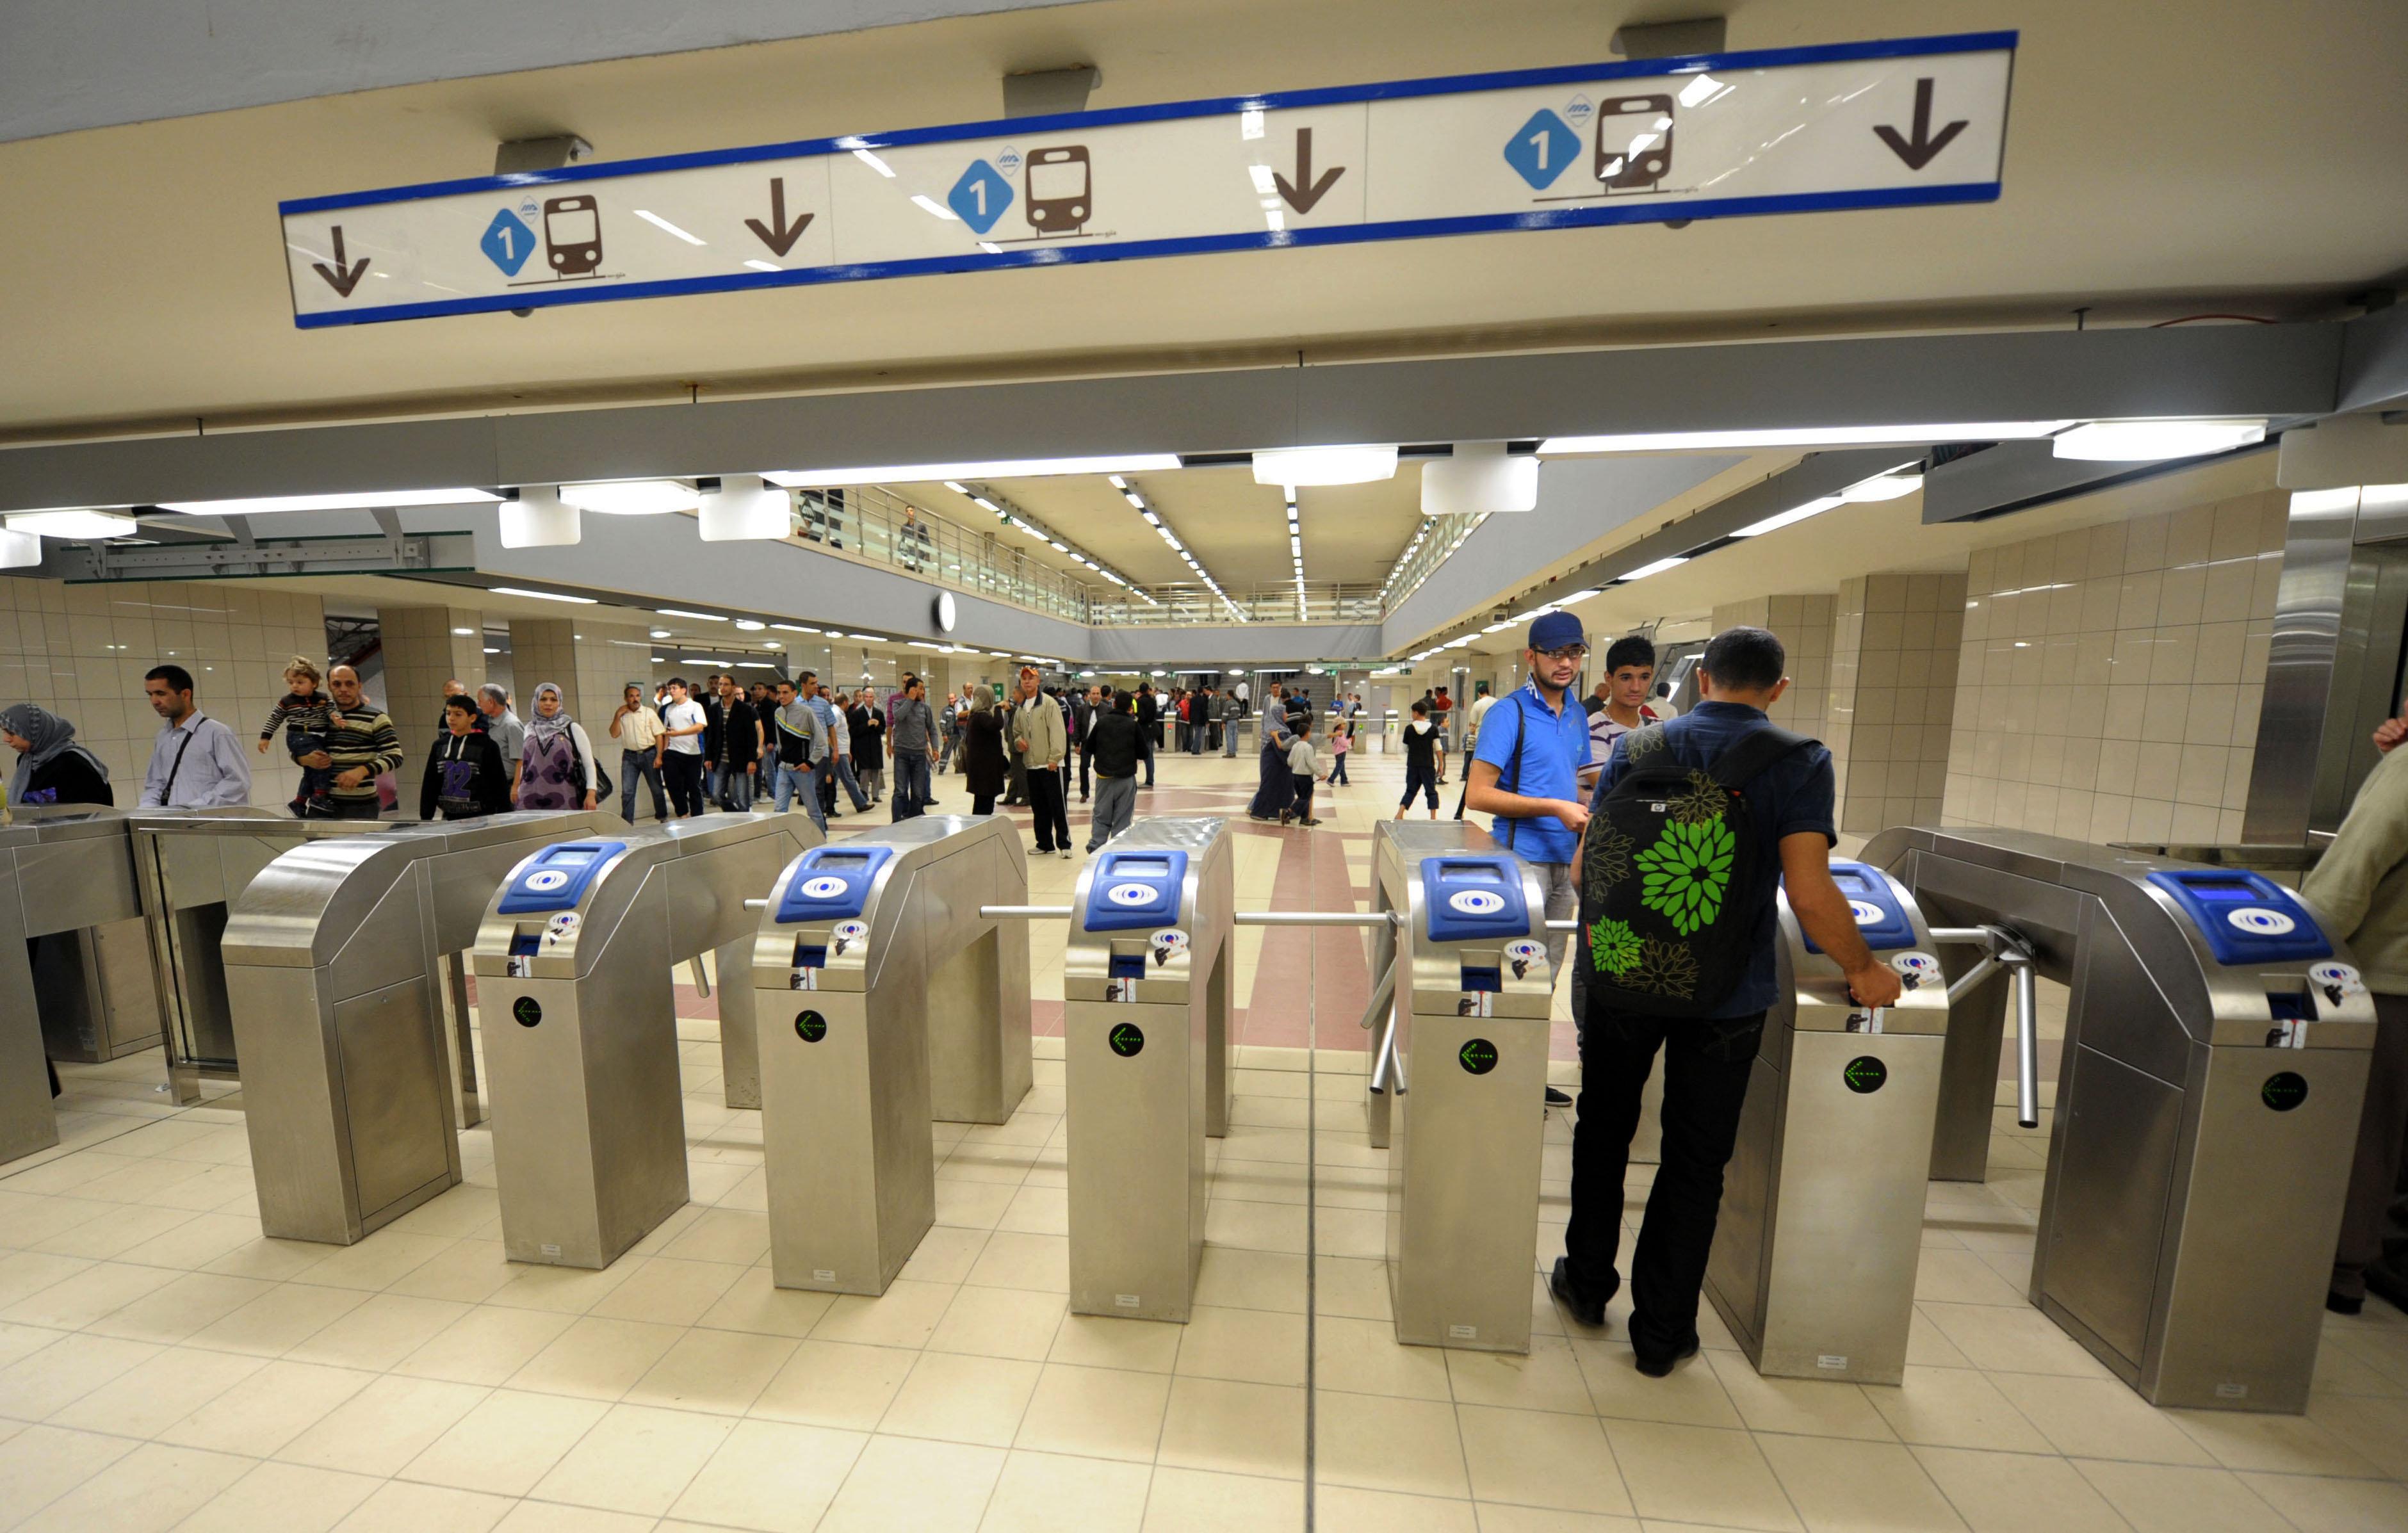 Changement des horaires d'exploitation de la ligne 1 du métro